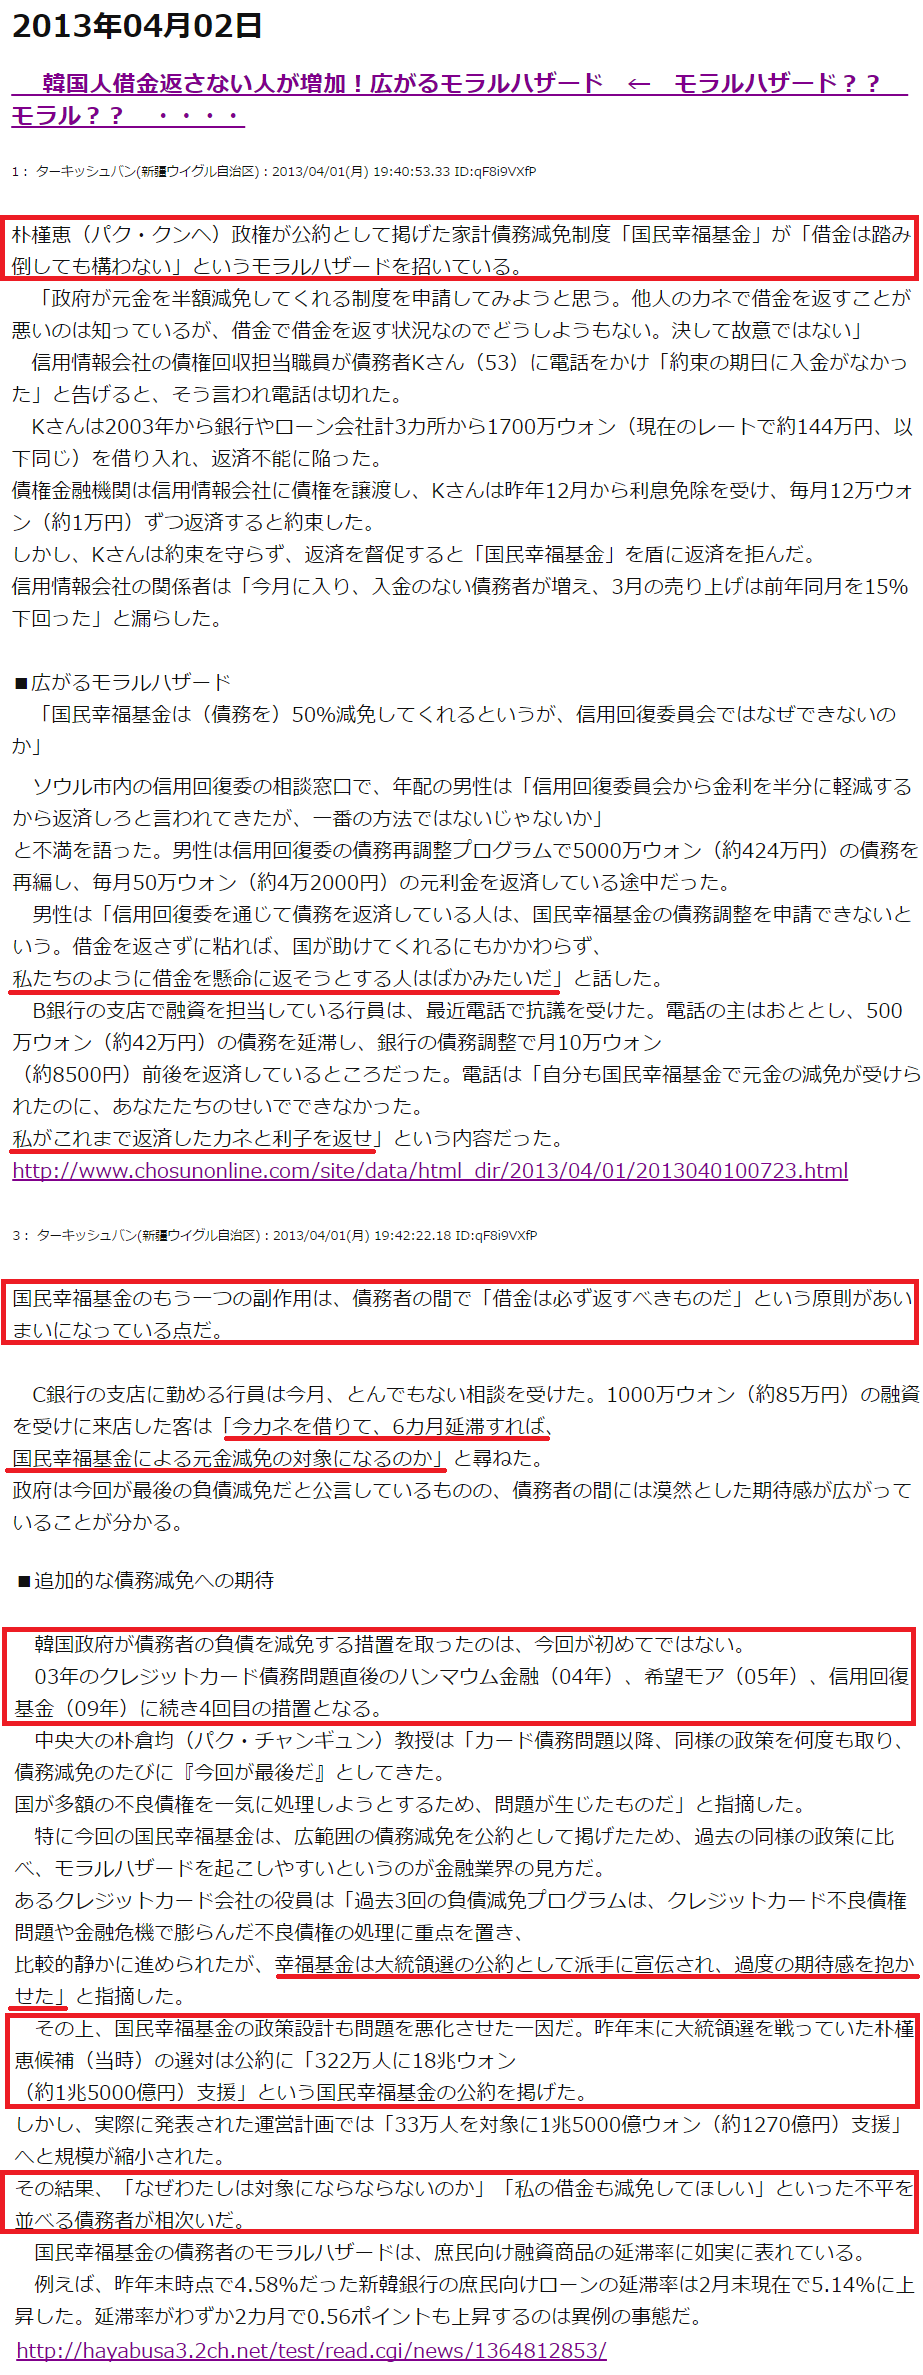 【韓国人に金貸すな】韓国人借金返さない人が増加 返済したカネと利子を返せ!